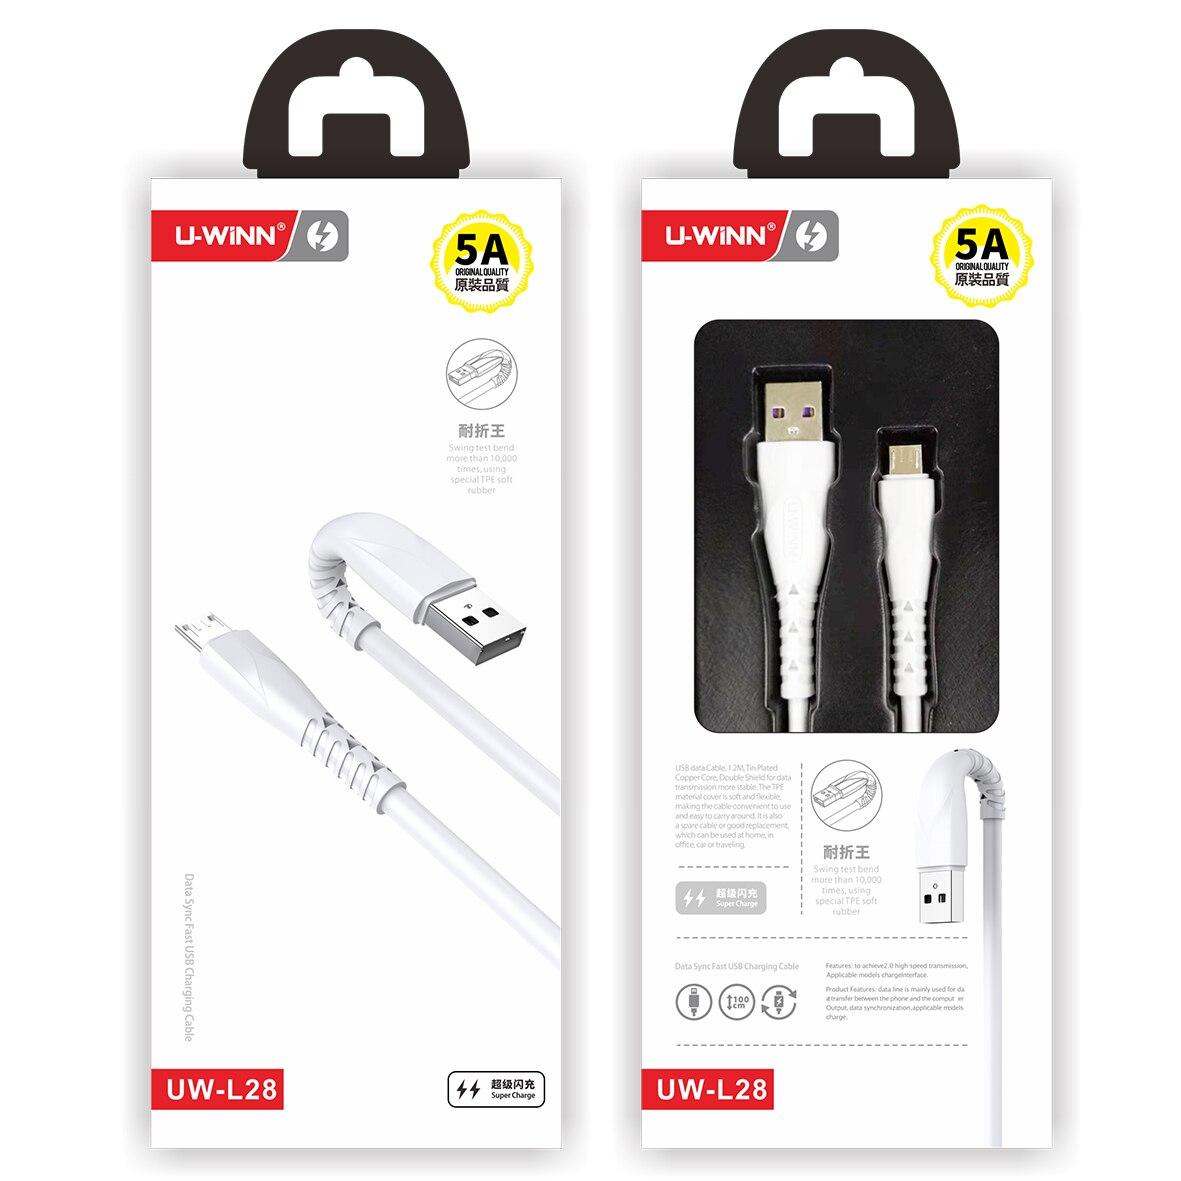 Usb кабель 1 м для синхронизации данных и быстрой USB провод для зарядки Android интерфейс Lightning для iPhone iPad Тип C Huawei Xiaomi Samsung